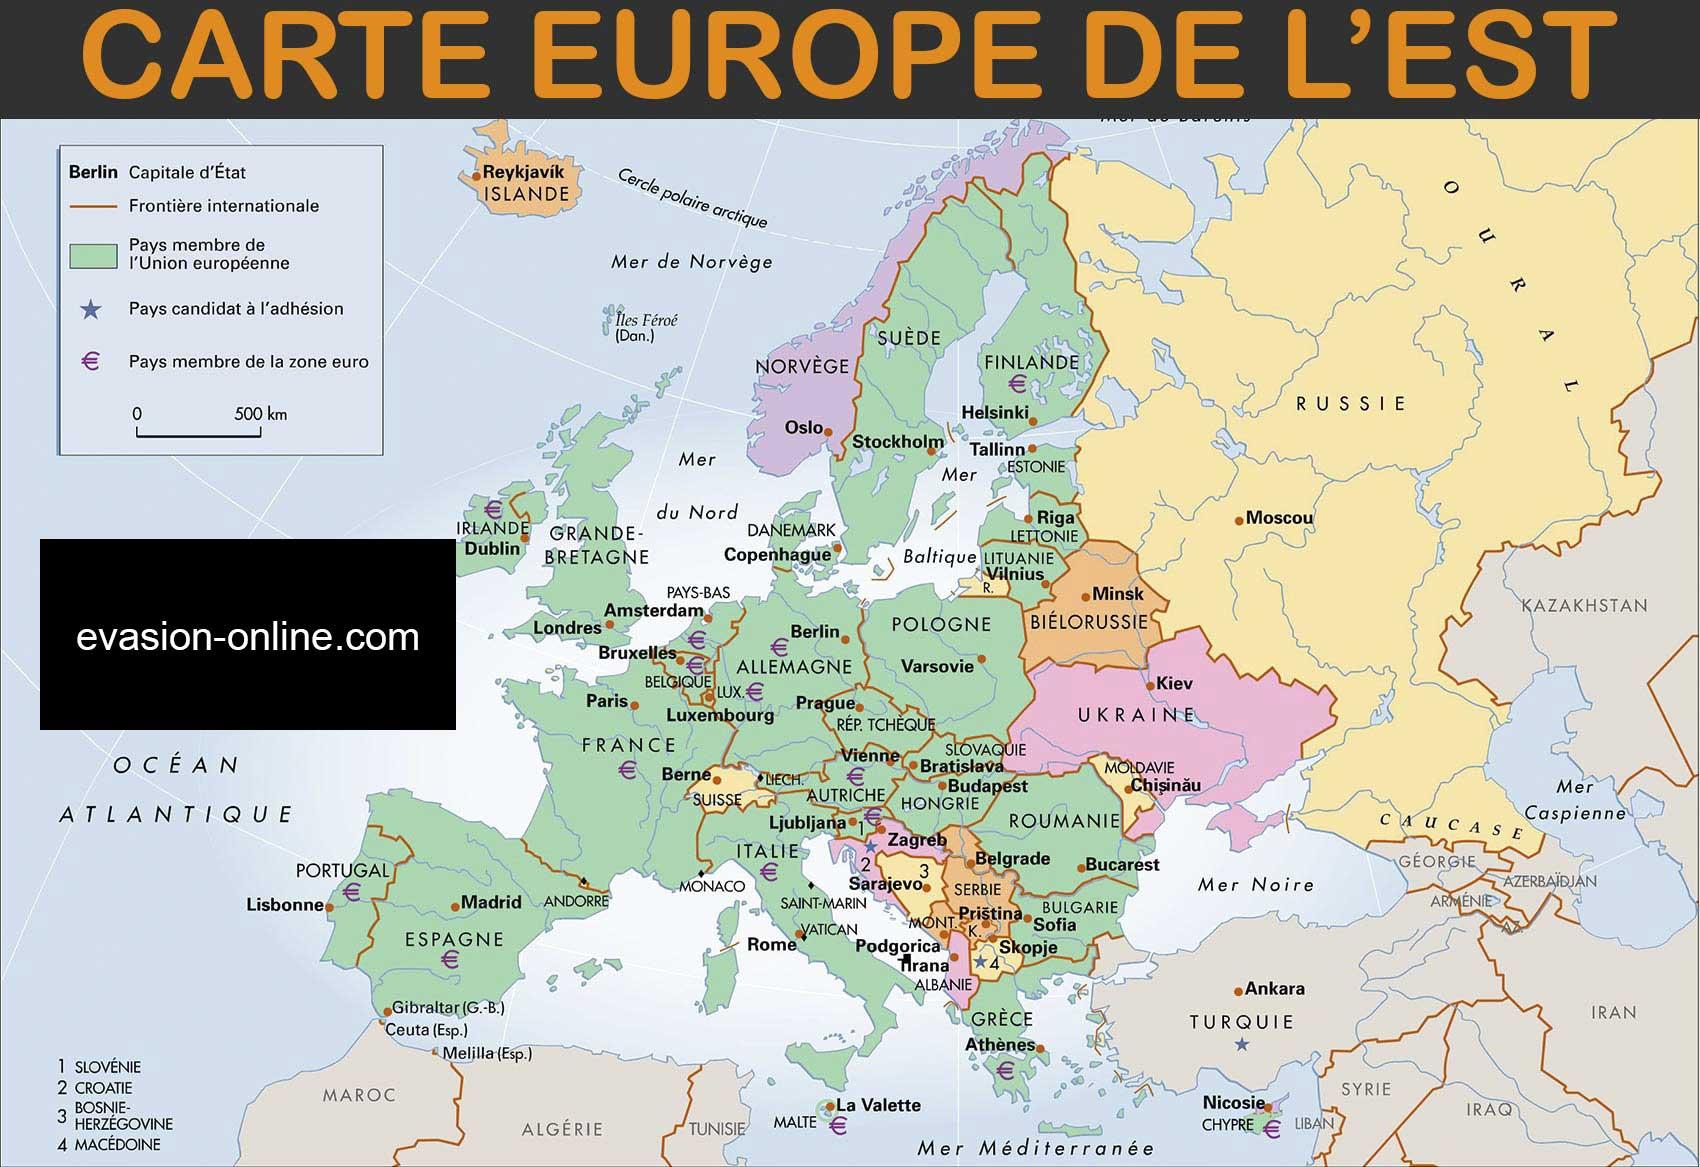 Carte Europe De L'est - Images » Vacances - Arts- Guides Voyages intérieur Carte Des Pays D Europe